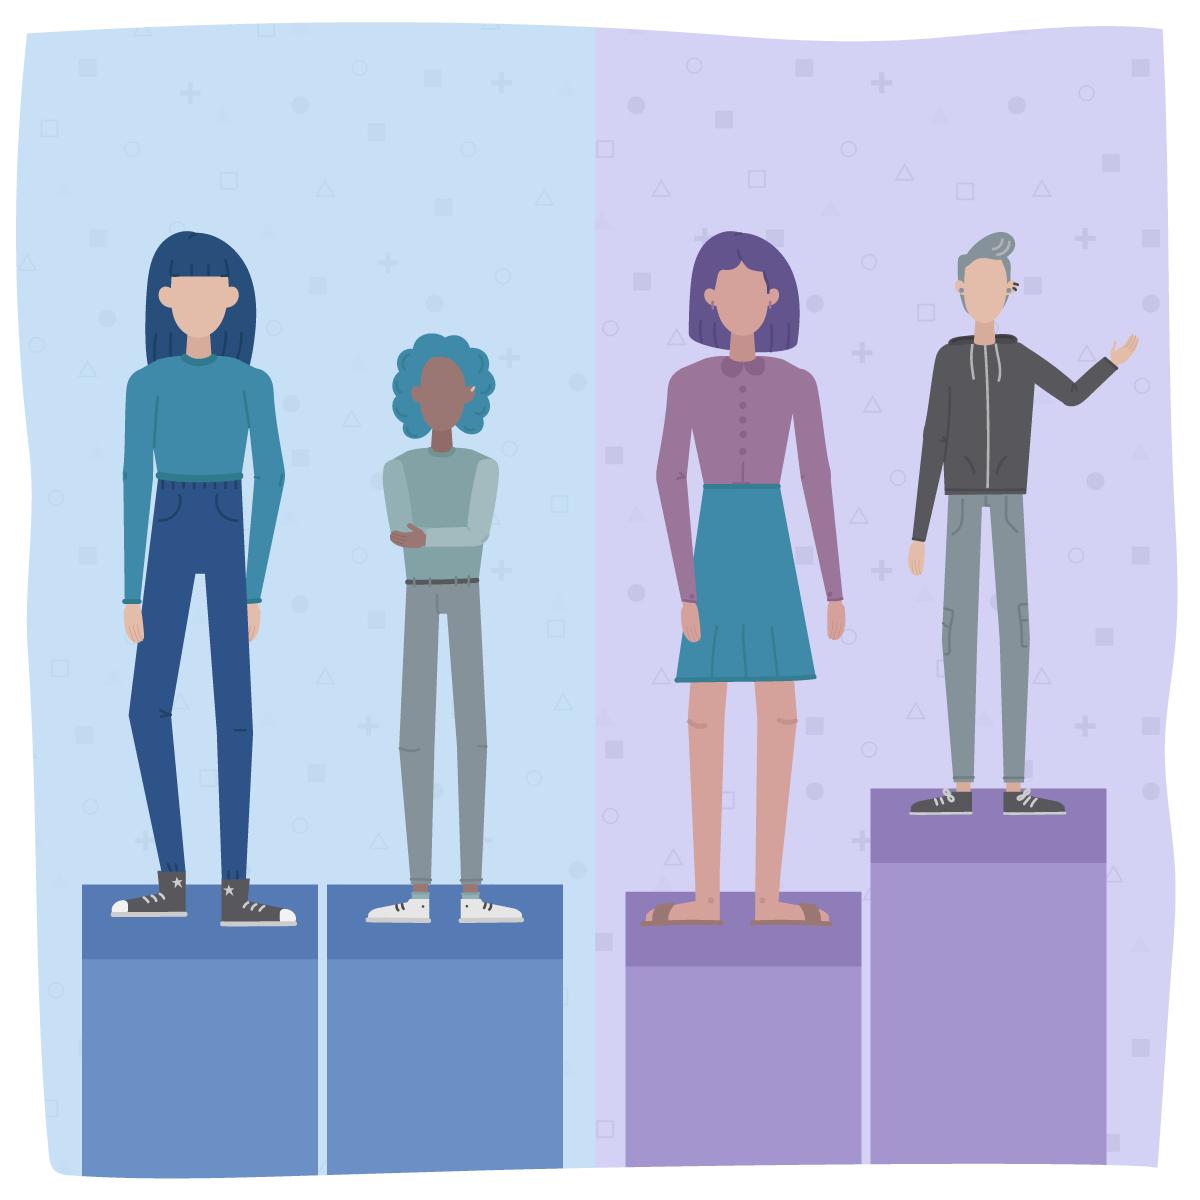 En un lado de la imagen vemos dos personas paradas sobre plataformas del mismo tamaño, en la otra sobre plataformas de distinto tamaño pero ahí logran estar a la misma altura.